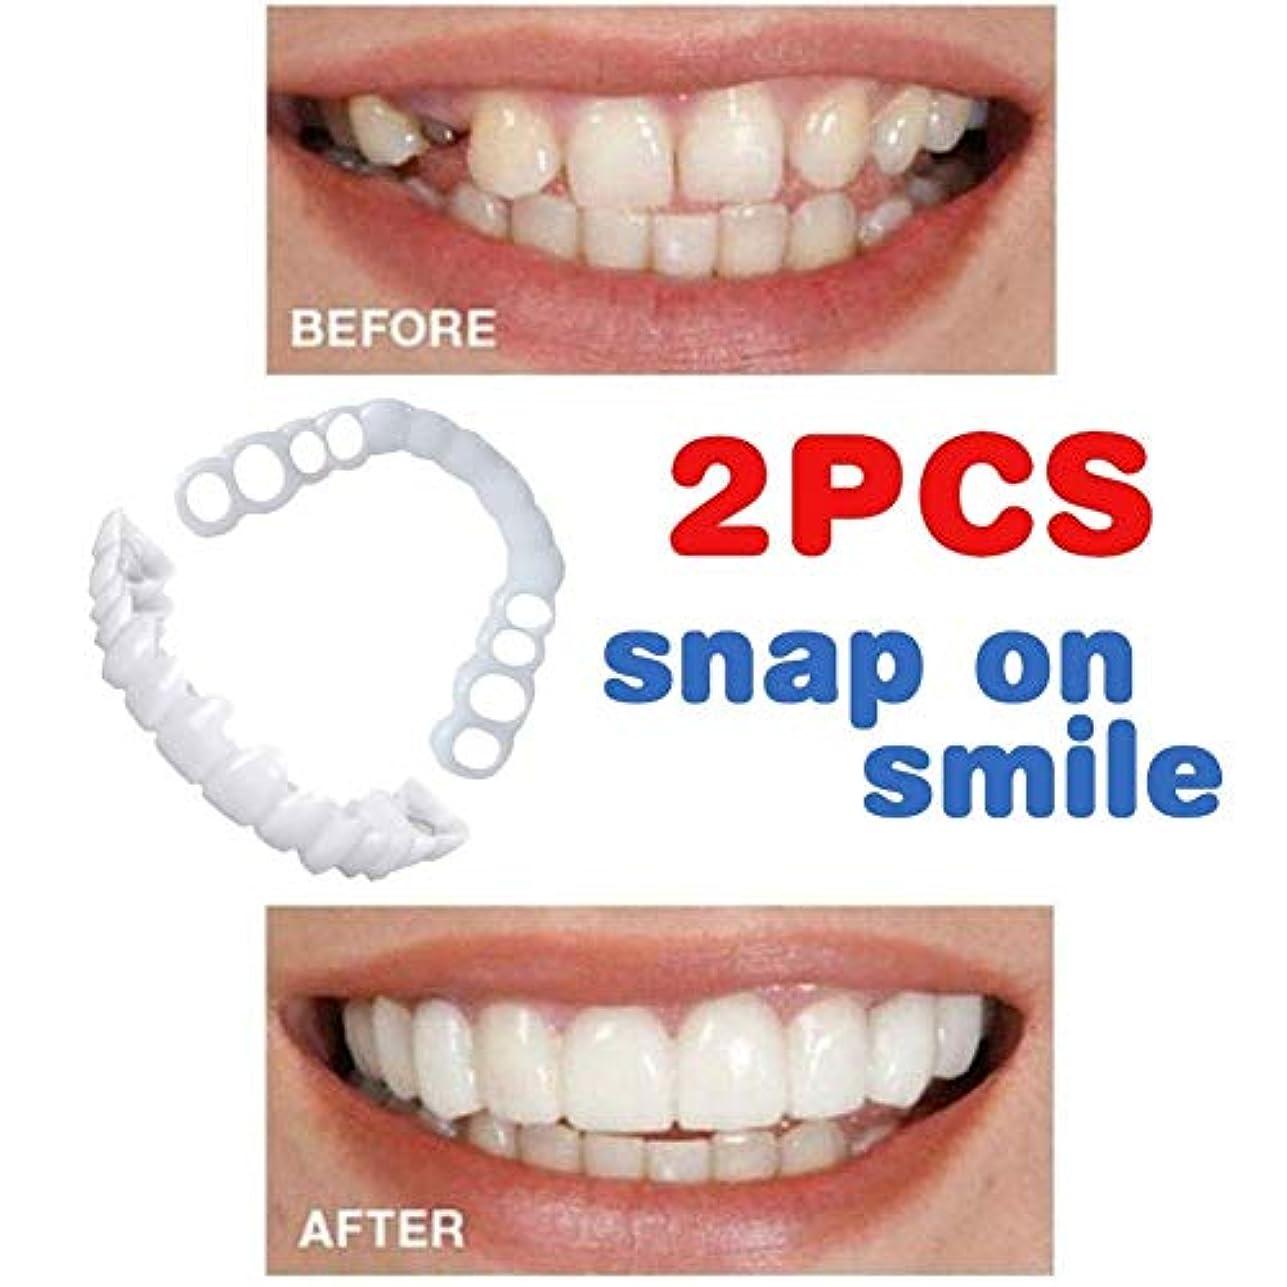 偽善者要件未知の完璧な笑顔ホワイトニング義歯フィットフレックス化粧品歯快適なベニアカバーデンタルケアアクセサリーベニア化粧品ベニア